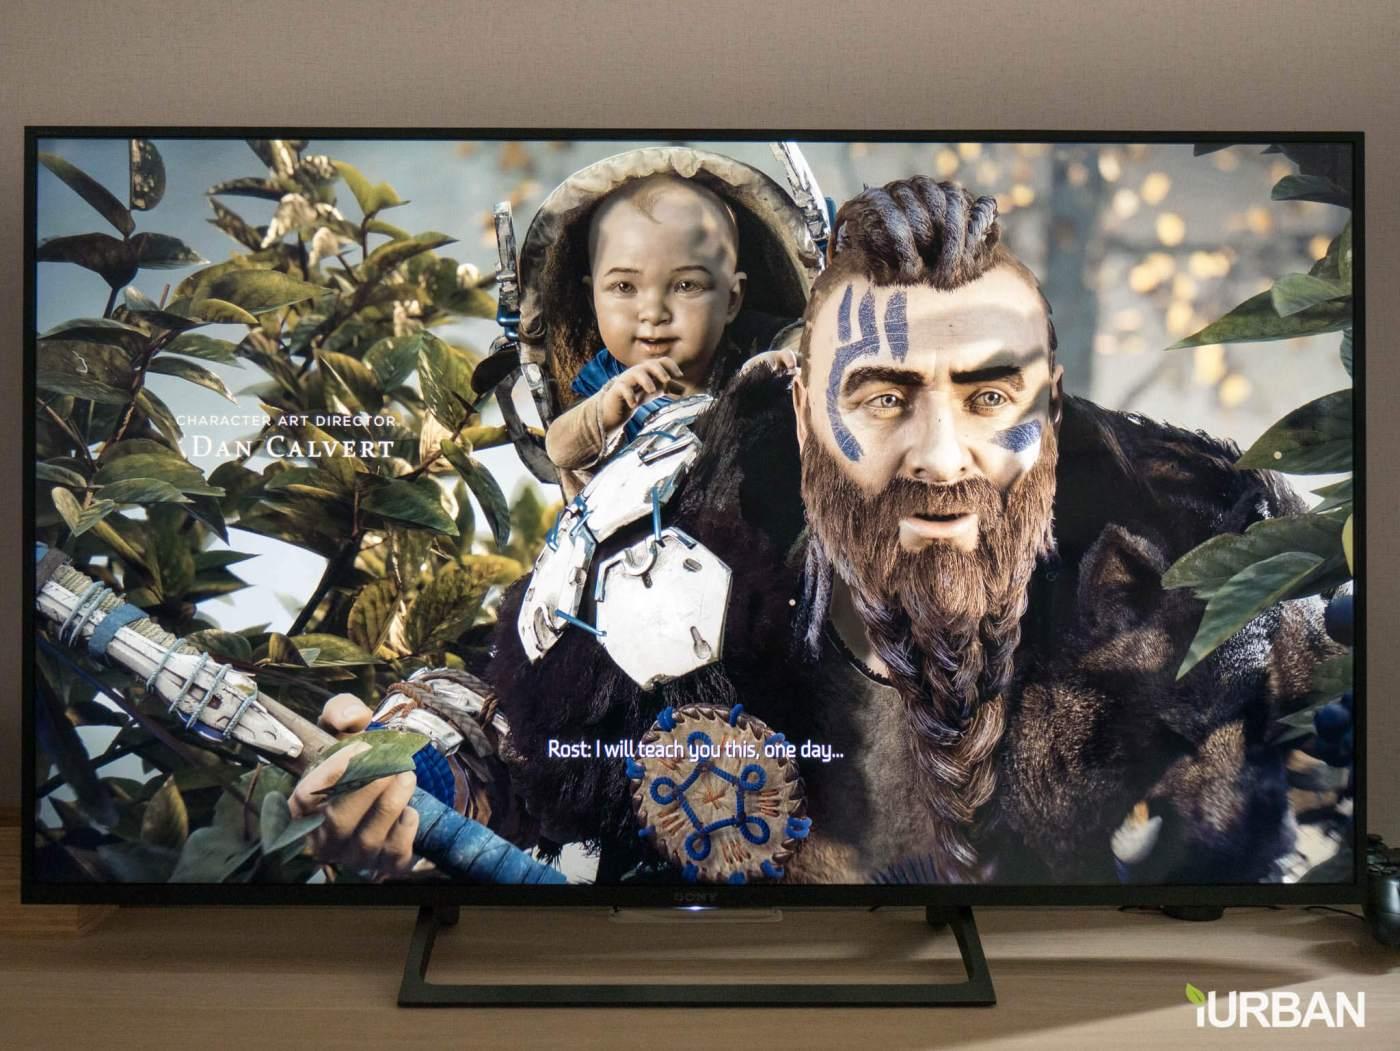 รีวิวภาพจริง SONY 4K HDR TV รุ่น X7000E เจน 2017 ตัวถูกสุดนี้ มีดีอะไรบ้าง? 13 - 4K